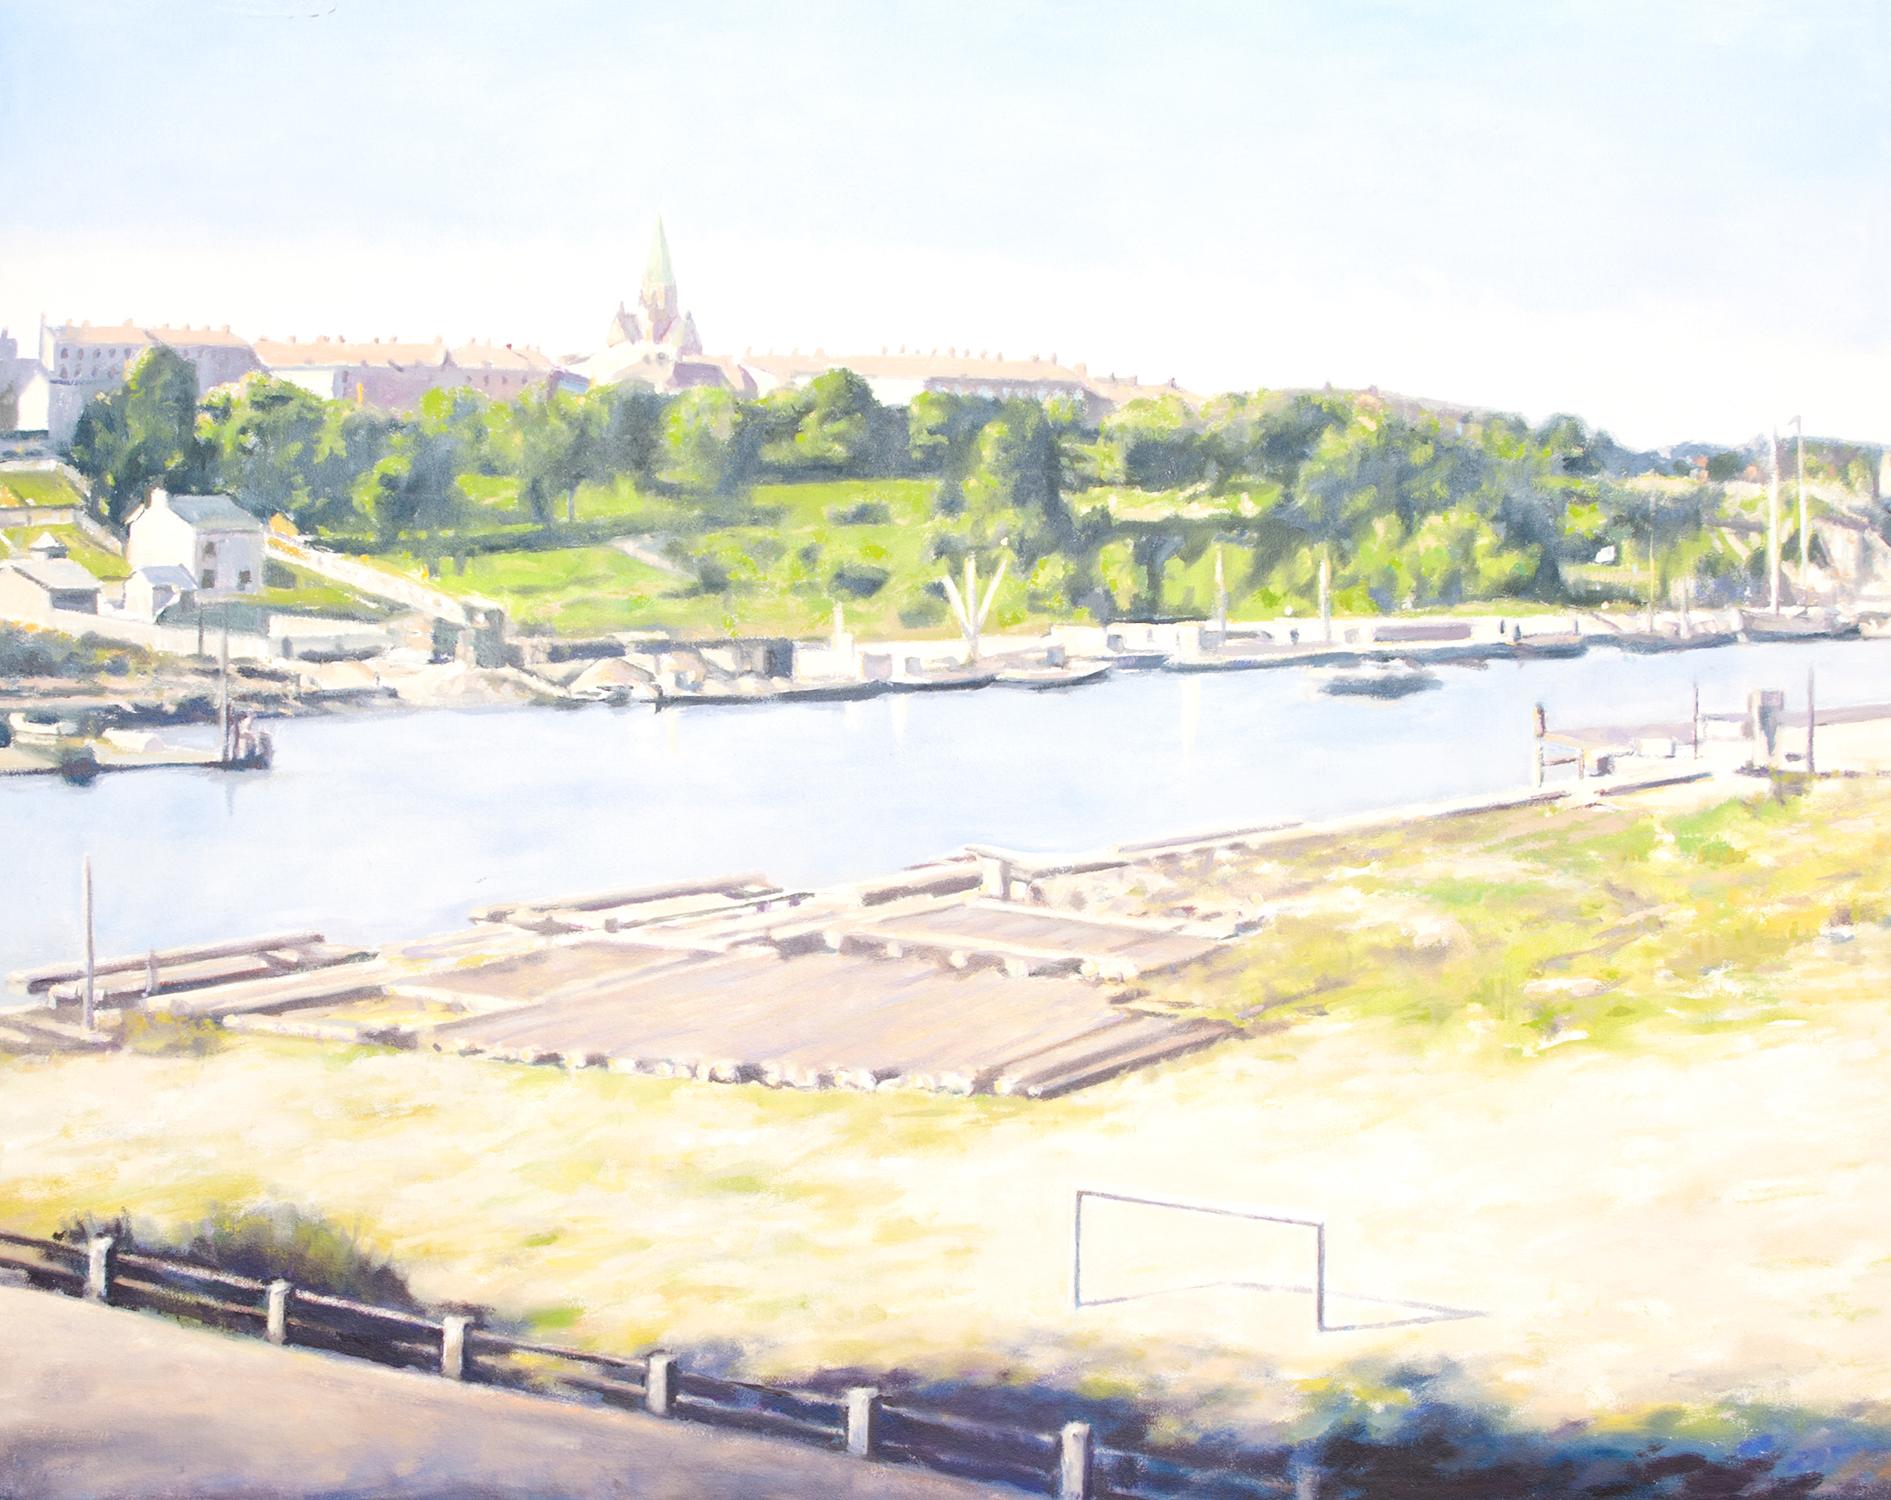 Claes-Åke Schlönzig - Vy norrut från Hammarby mot Södermalm 1930 - Klicka för att byta till perspektivbild.